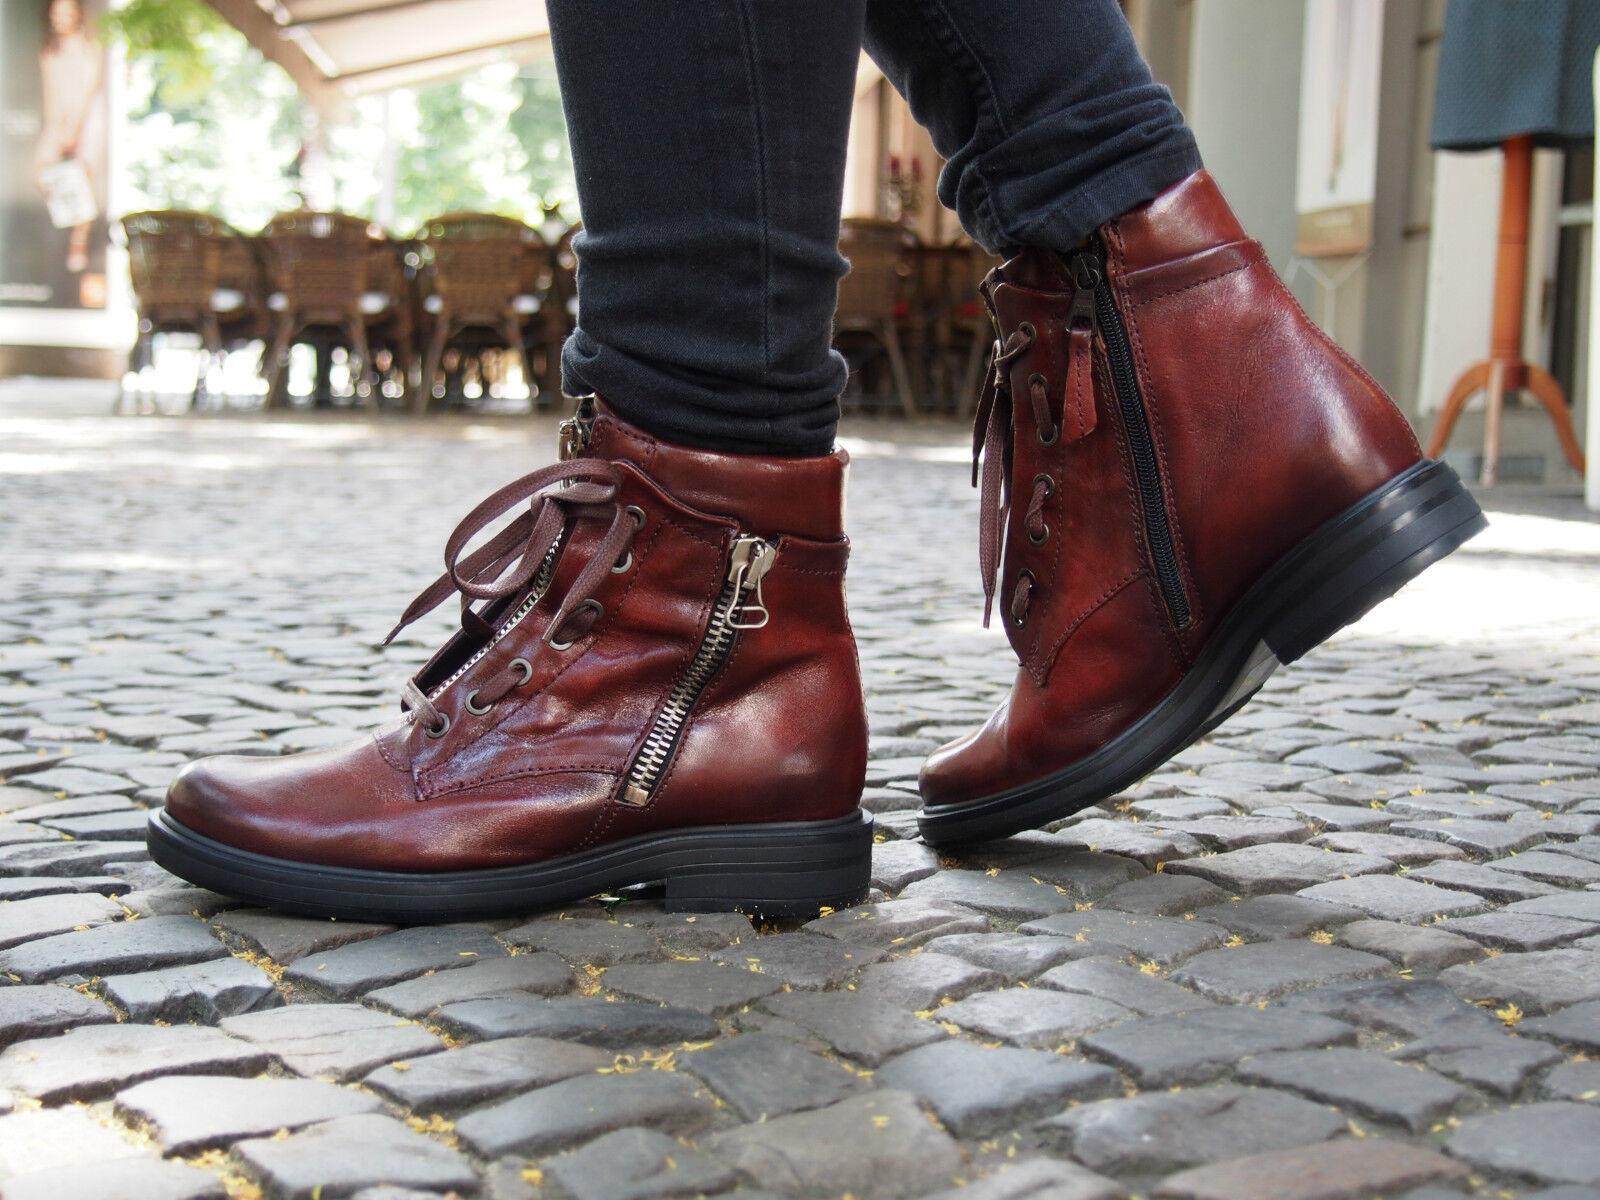 MJUS Schuhe CAFE oriente 544206 rot Echtleder Stiefel Damen Stiefelette NEU AS98